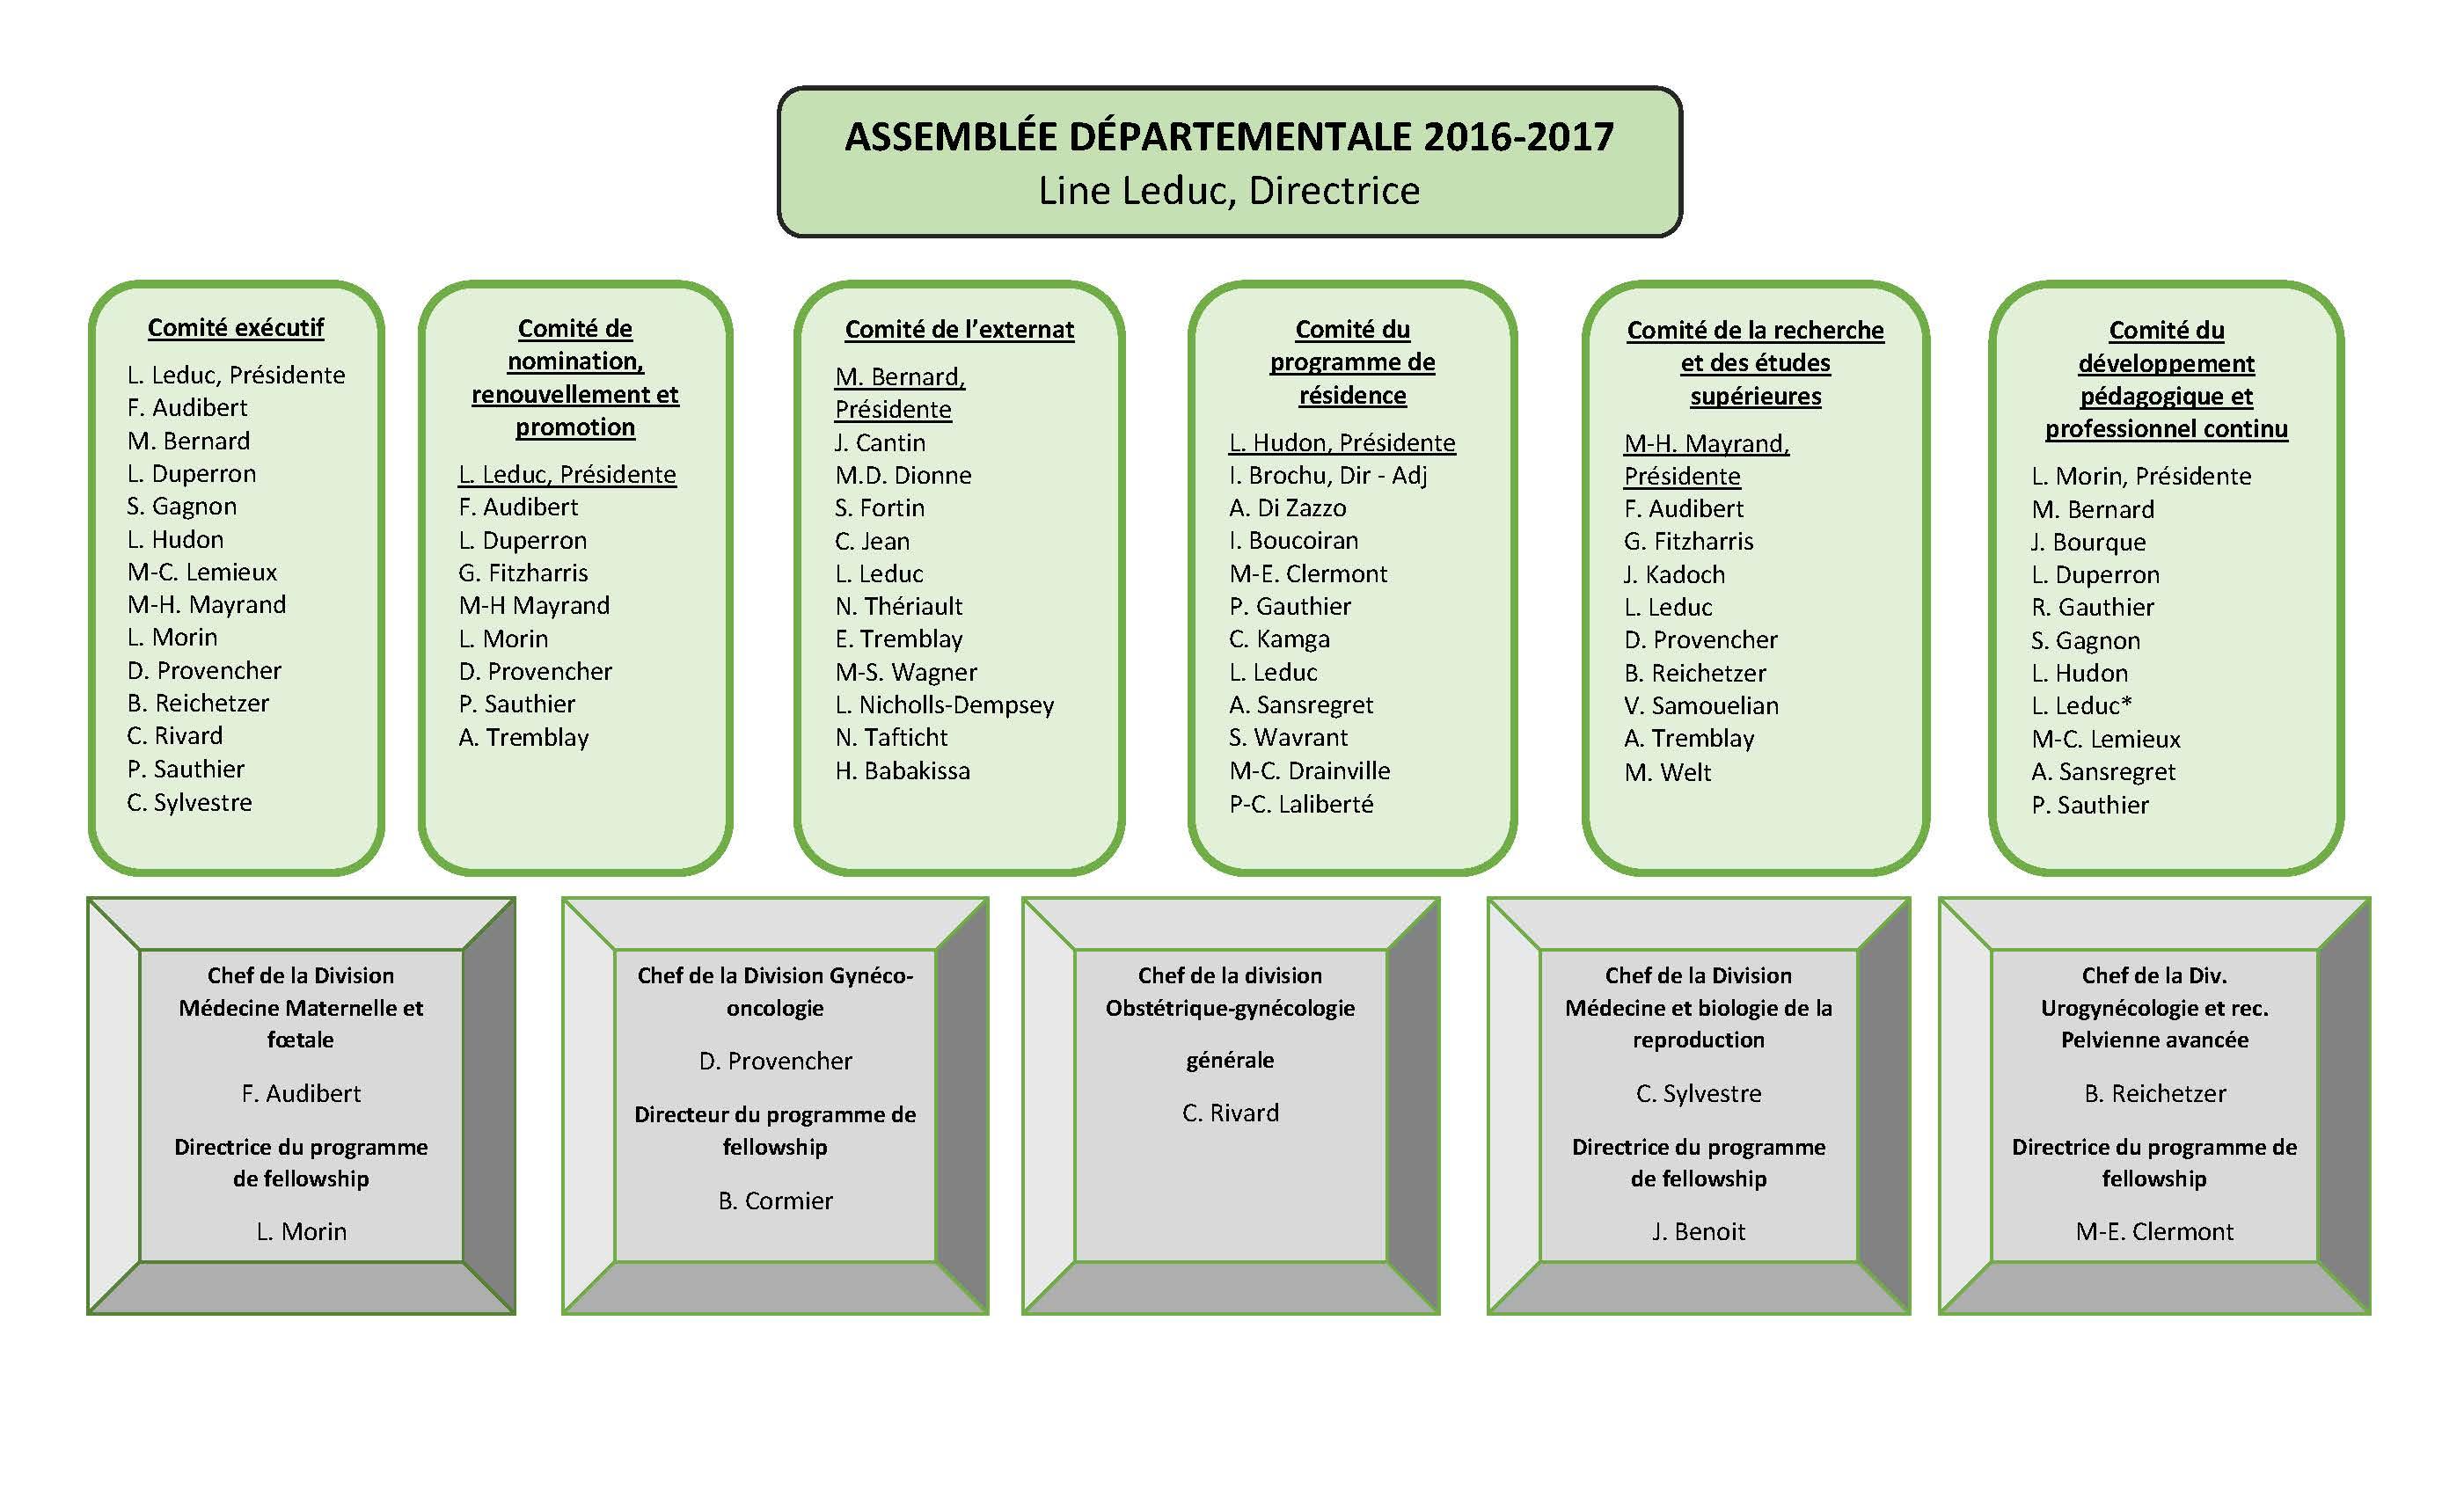 Organigramme 2016-2017